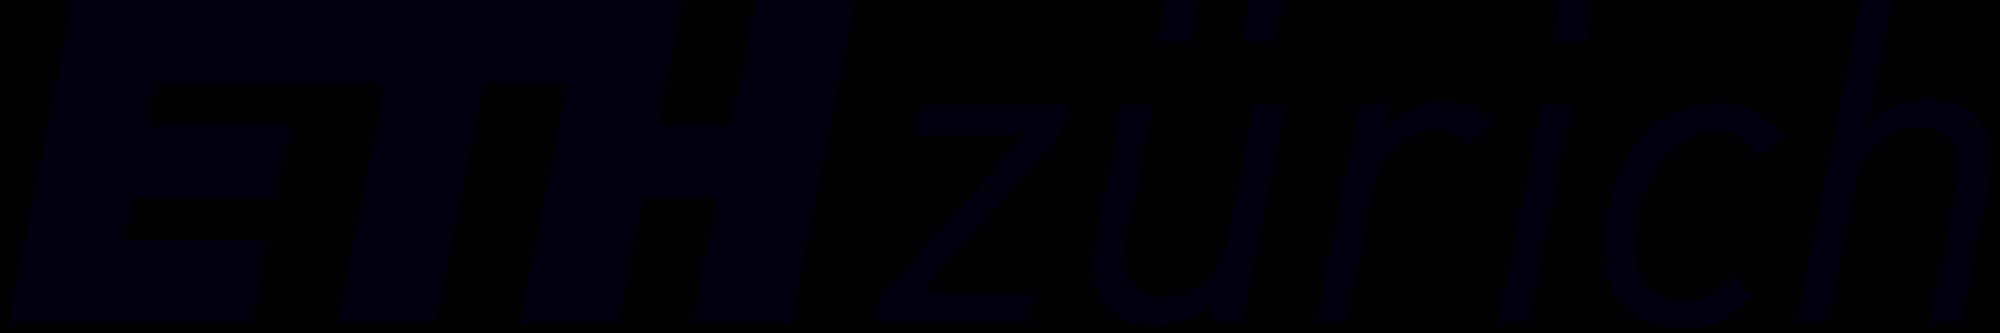 logo_ETH_Zürich